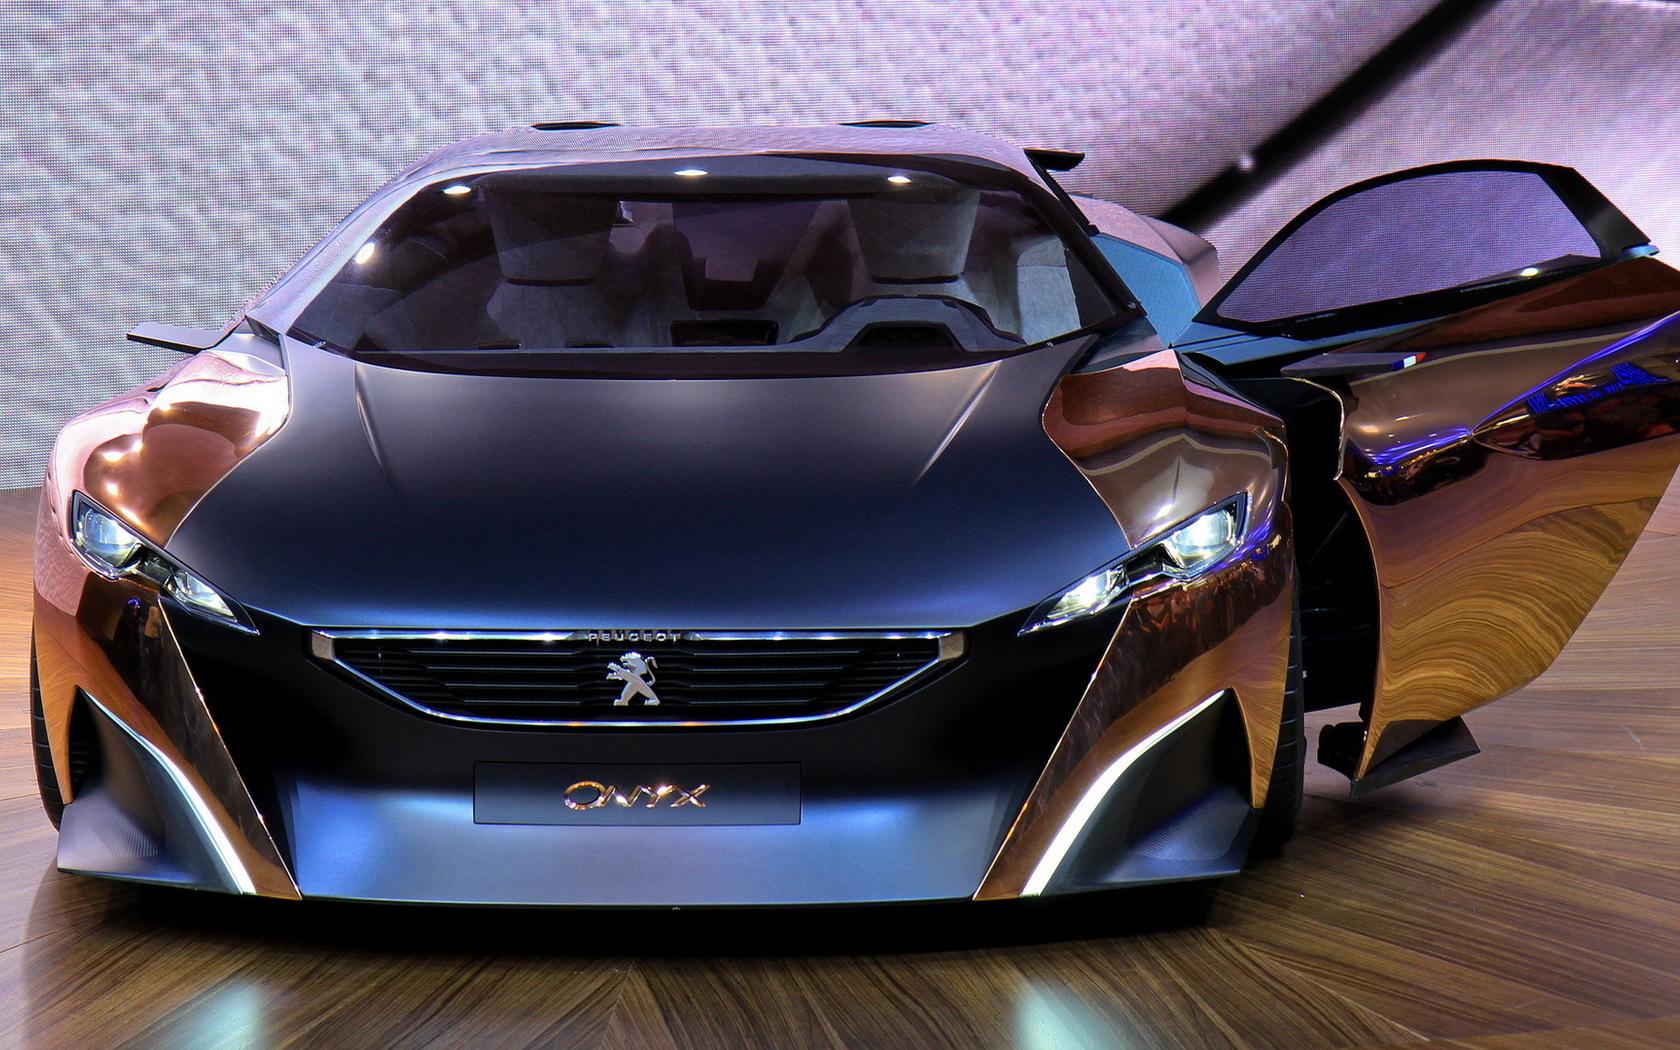 30001 скачать обои Транспорт, Машины, Пежо (Peugeot) - заставки и картинки бесплатно